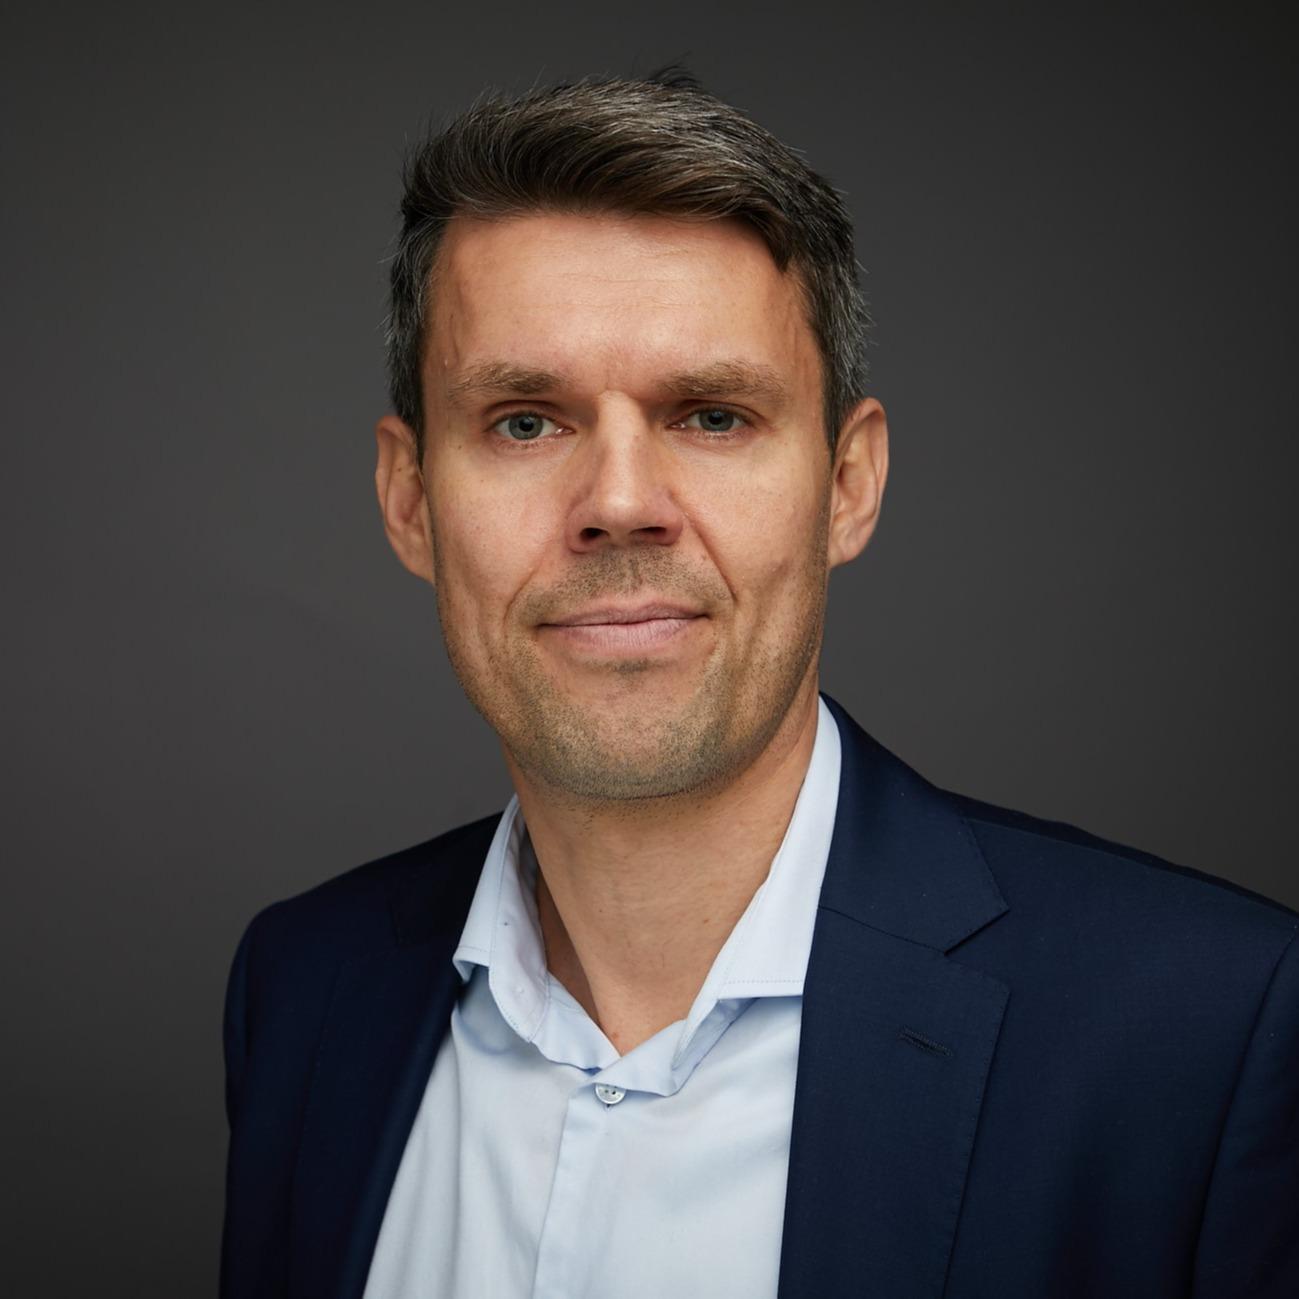 Piotr Surma